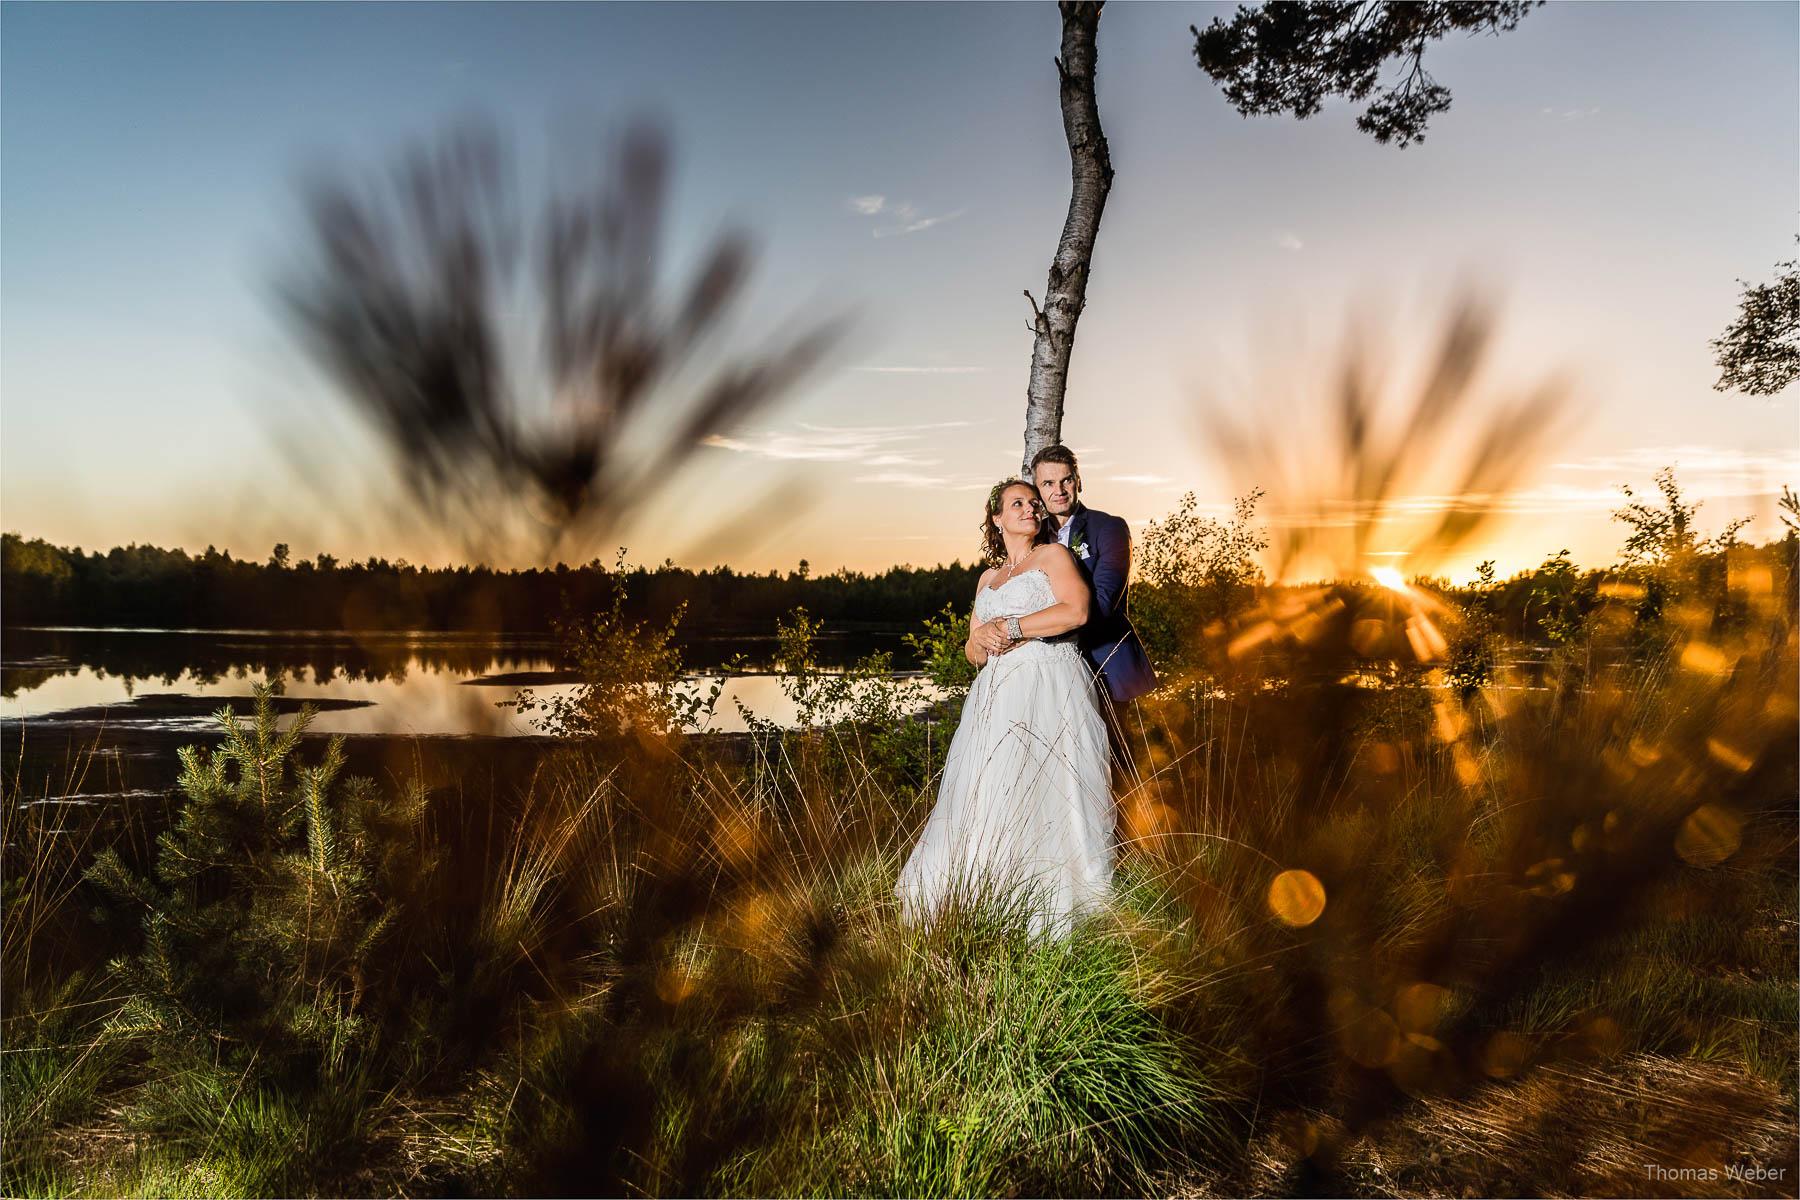 Hochzeitsfotos in der Natur, Hochzeitsfotograf Ostfriesland